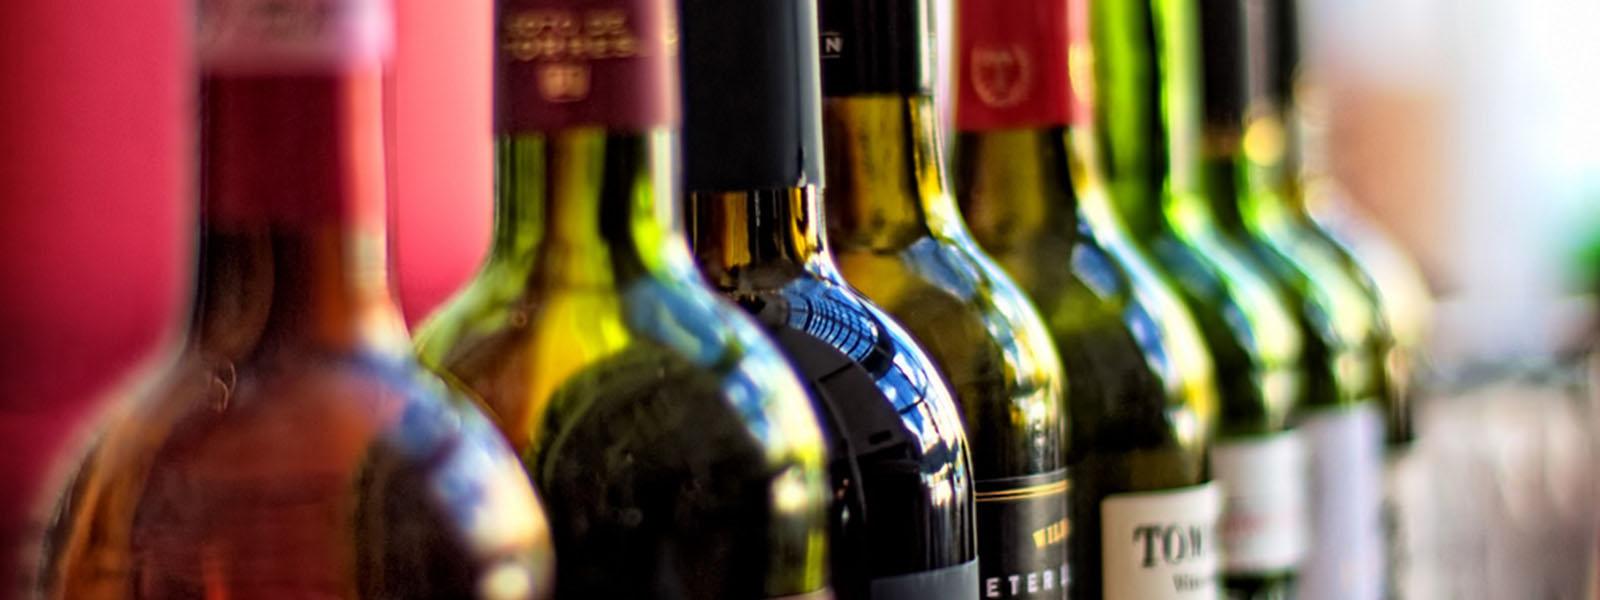 Wine bottles lined up